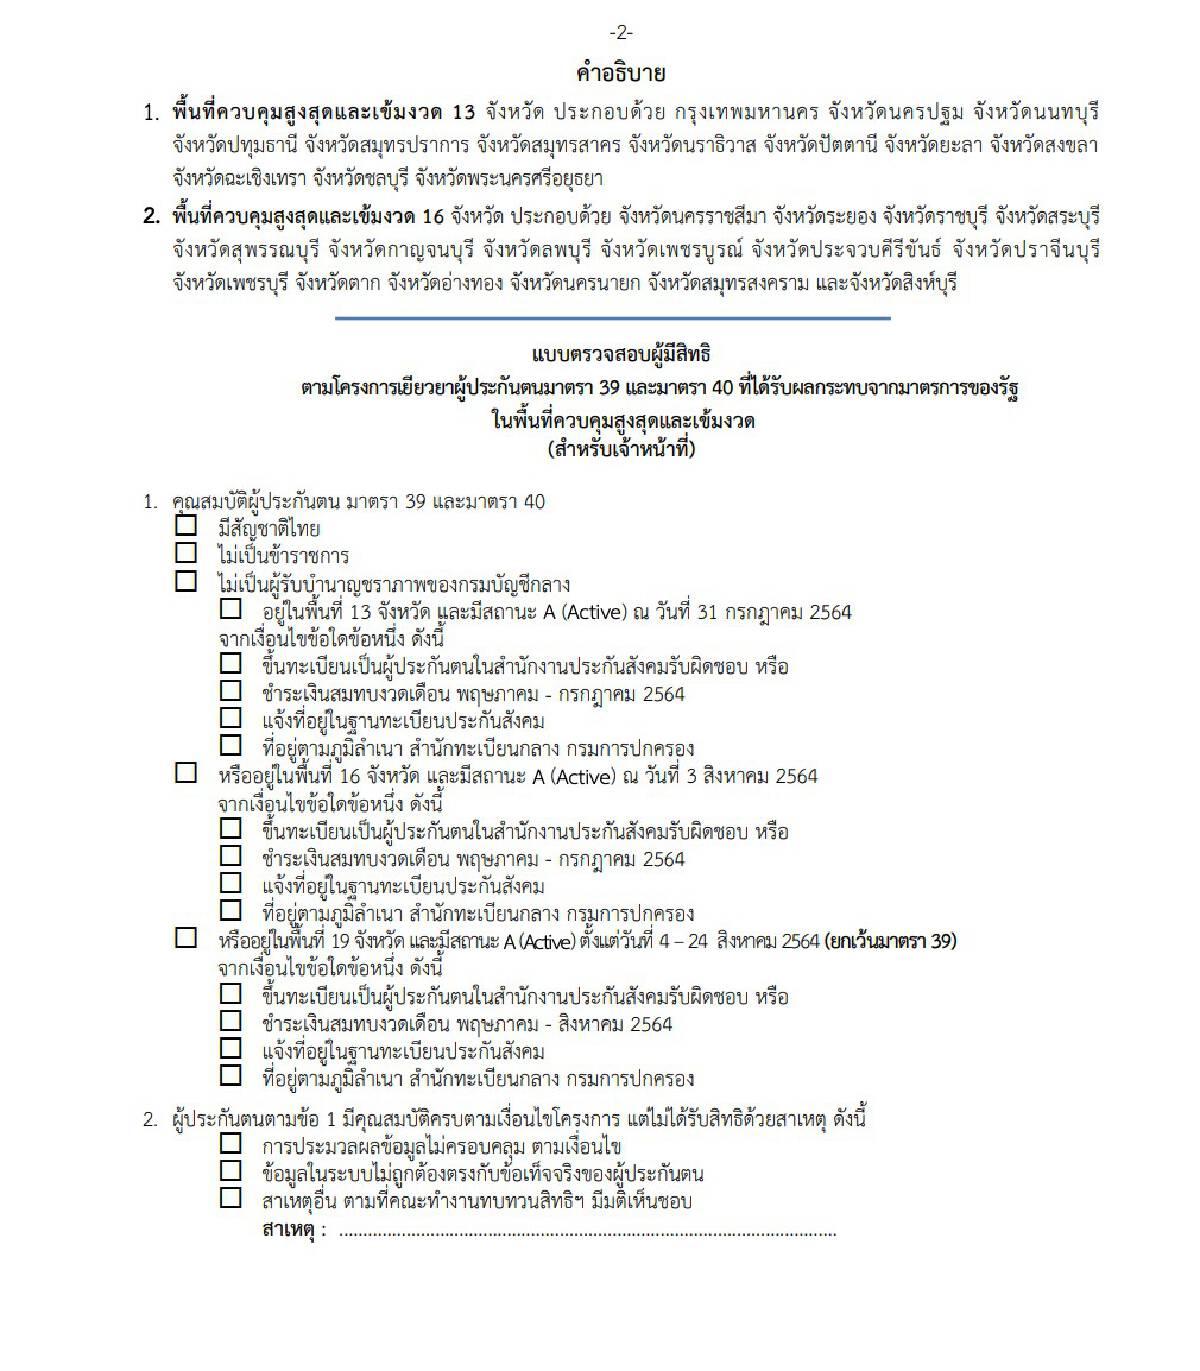 www.sso.go.th เปิดแบบฟอร์มทบทวนสิทธิประกันสังคมมาตรา 39 มาตรา 40  เช็คด่วน